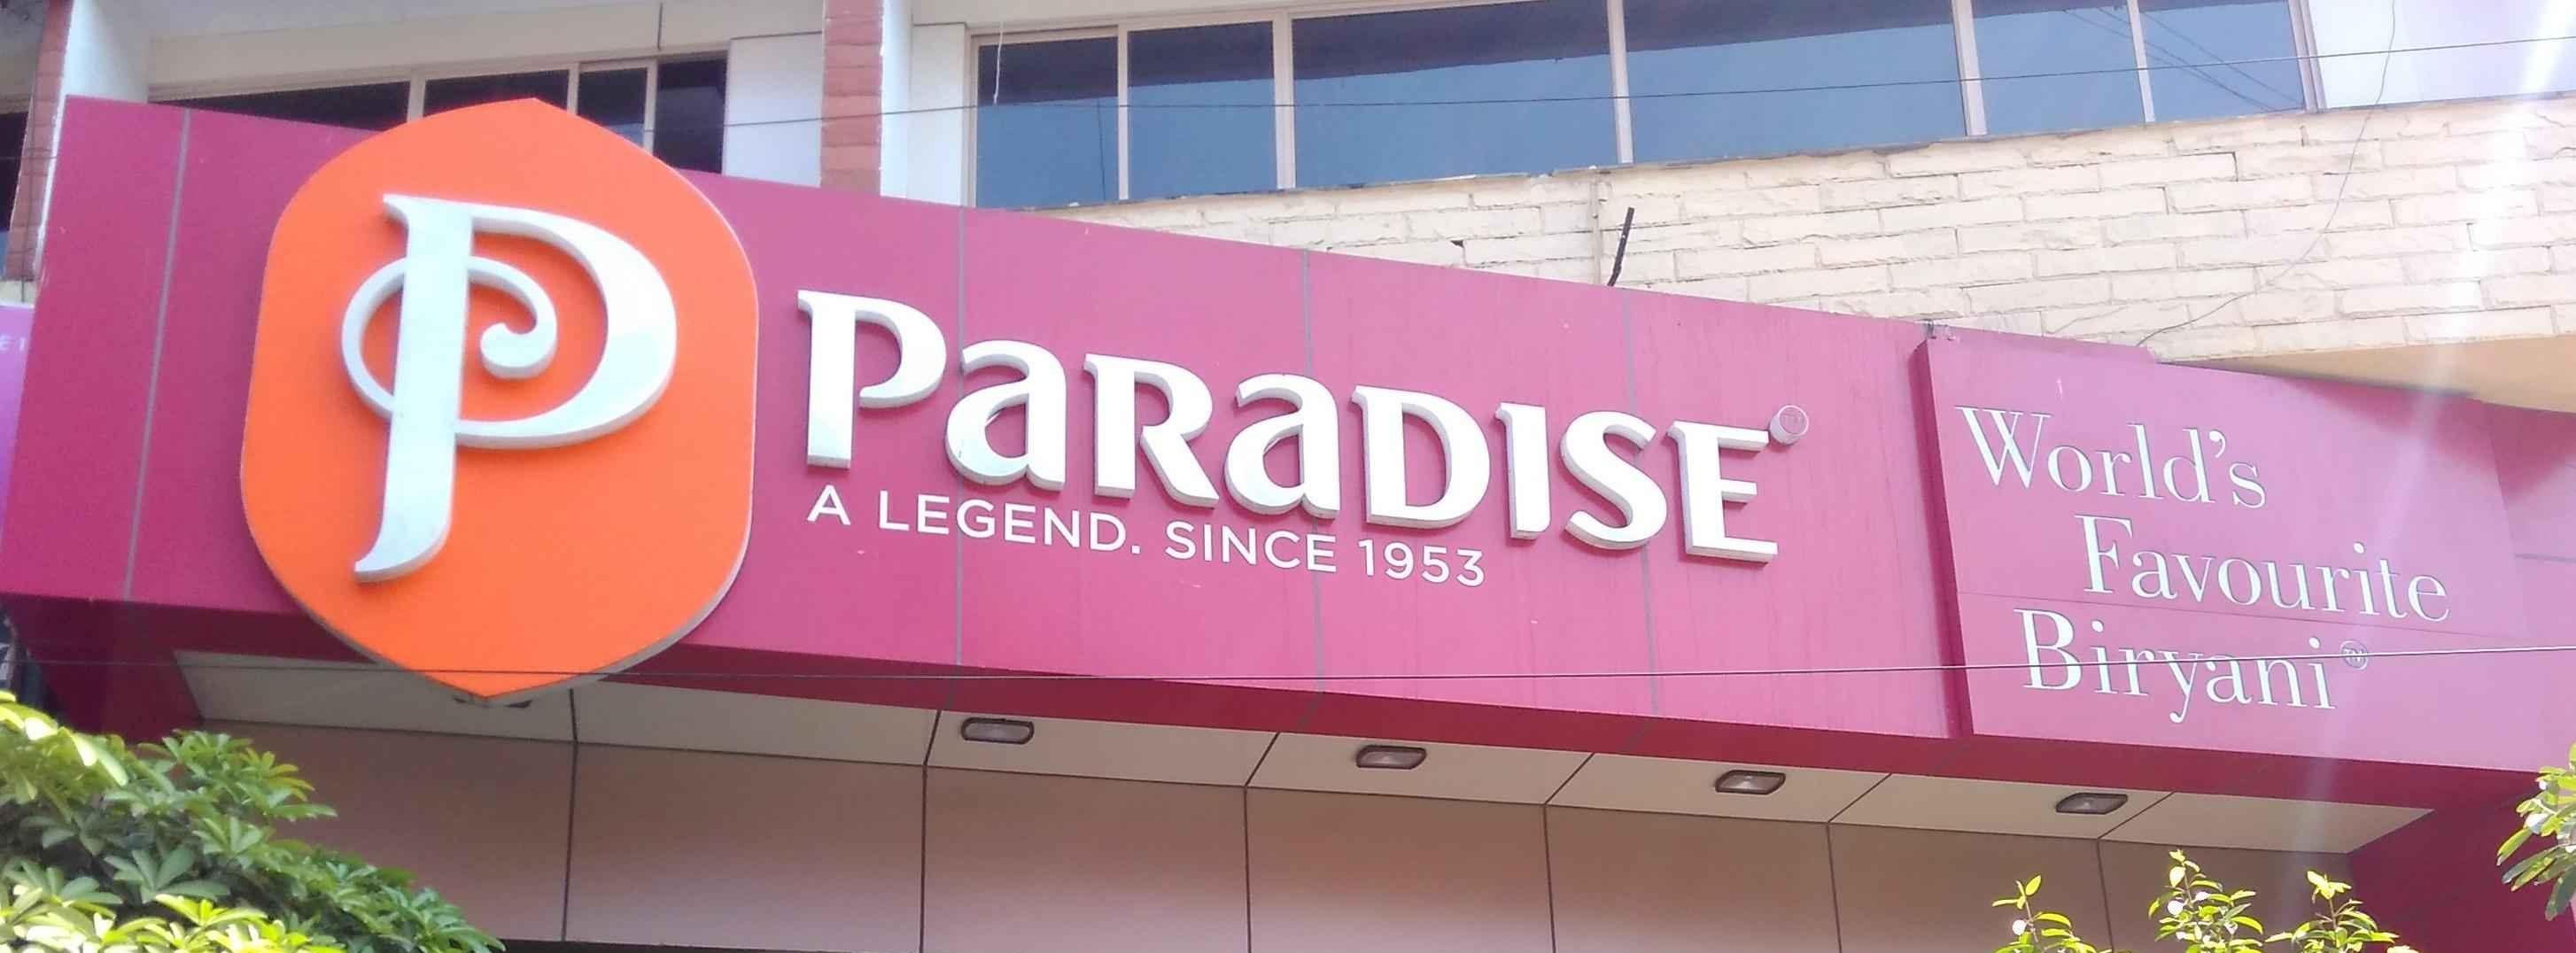 Paradise Food Court - Himayat Nagar - Hyderabad Image